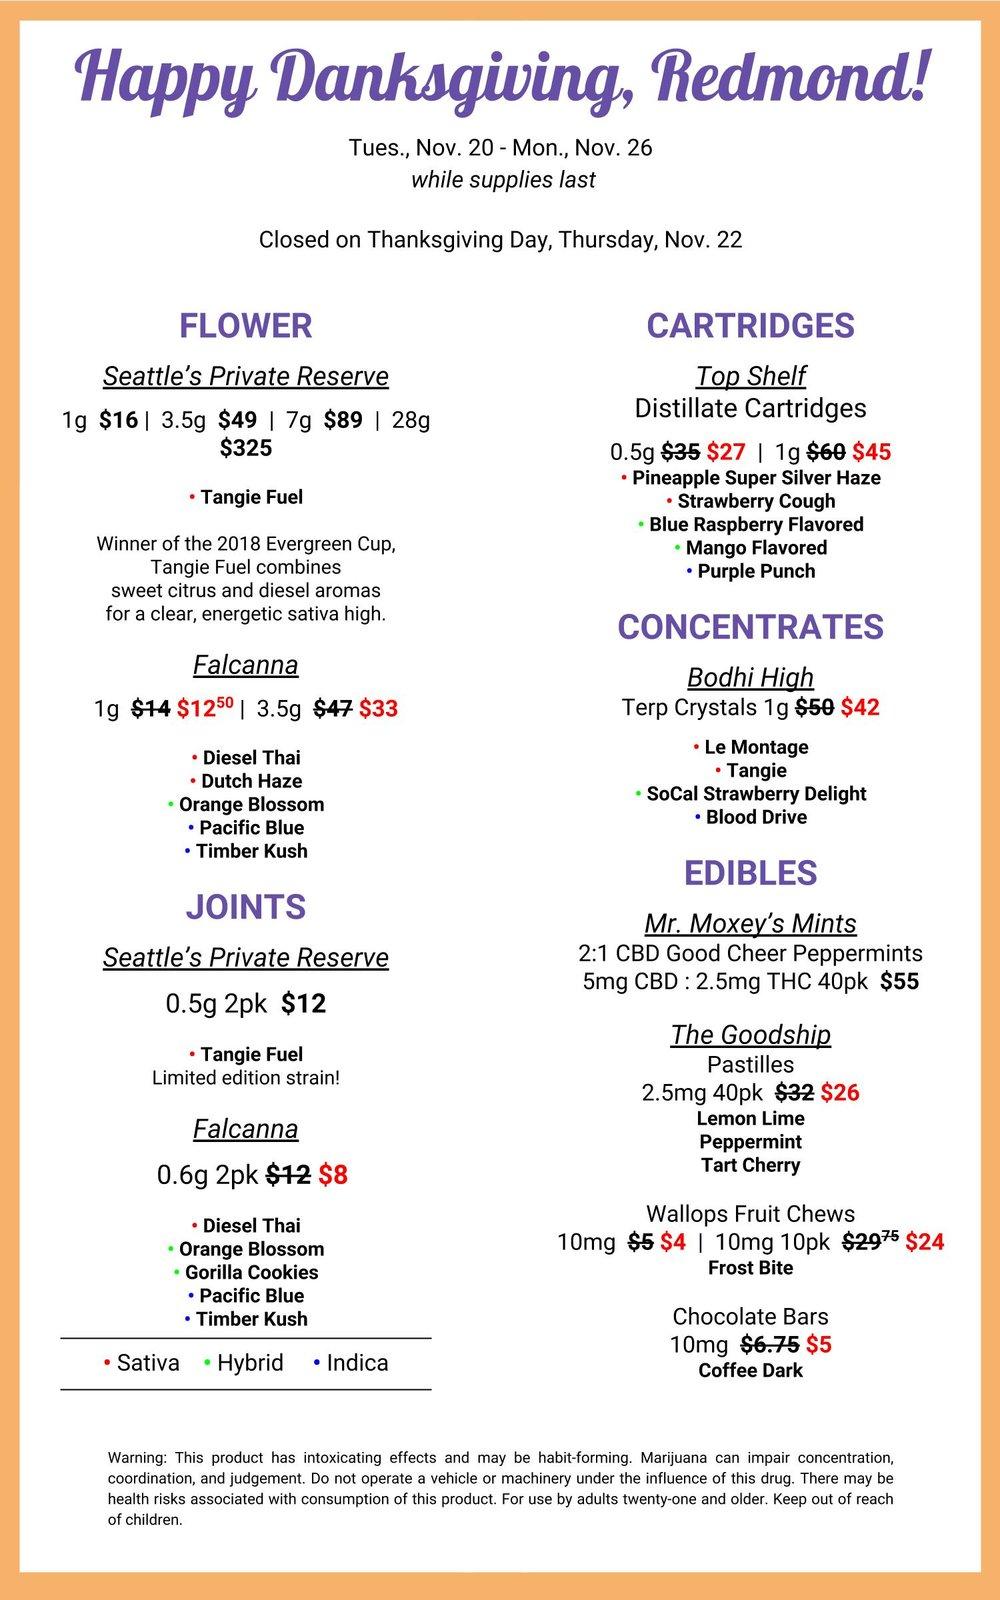 Redmond Happy Danksgiving sale menu.jpg